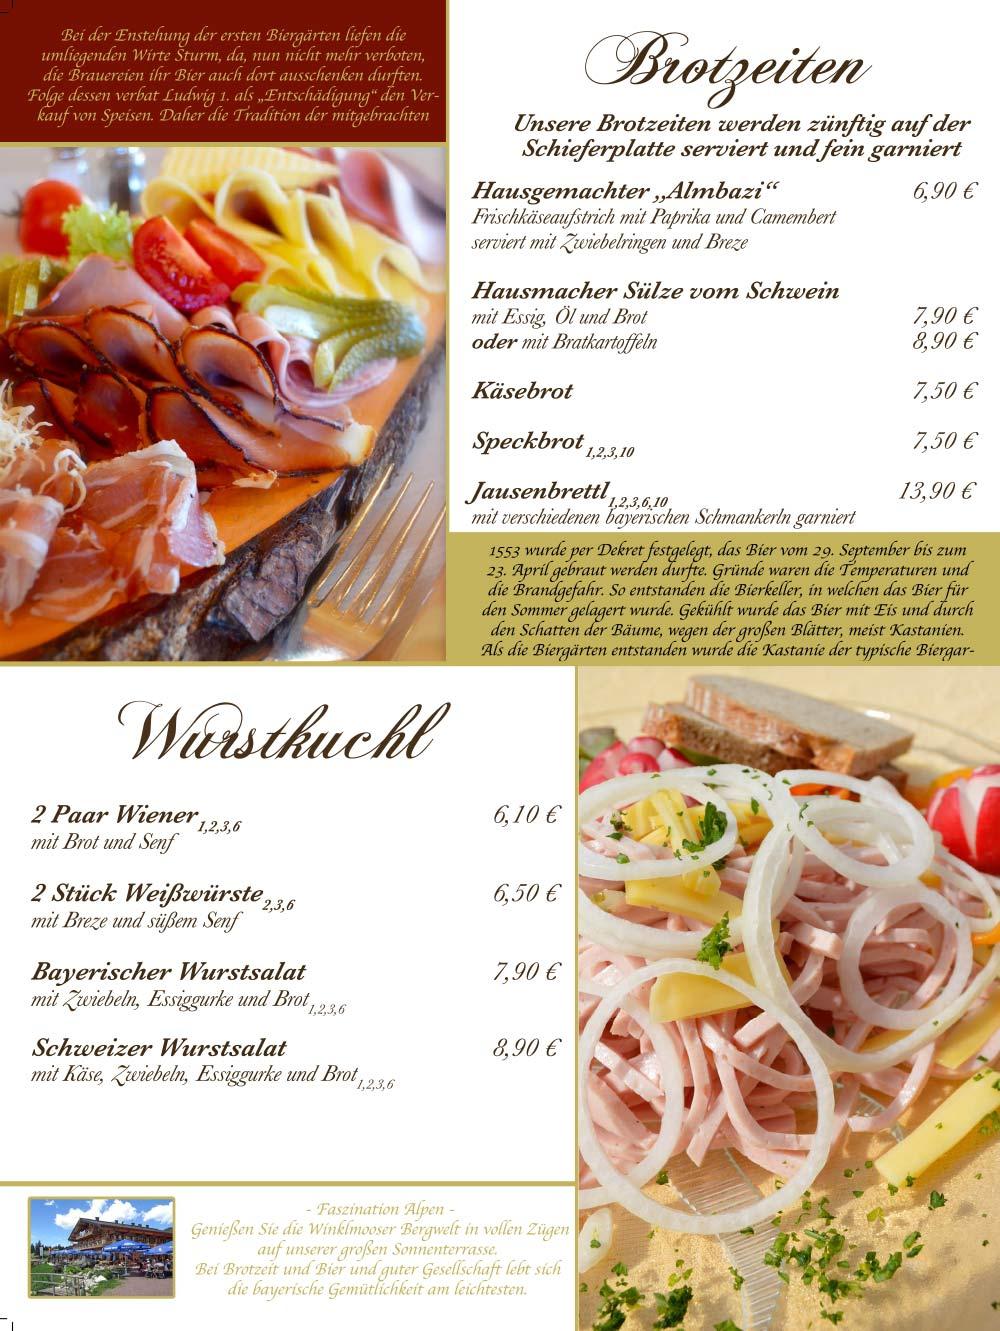 Speisekarte - Brotzeiten + Wurstkuchl